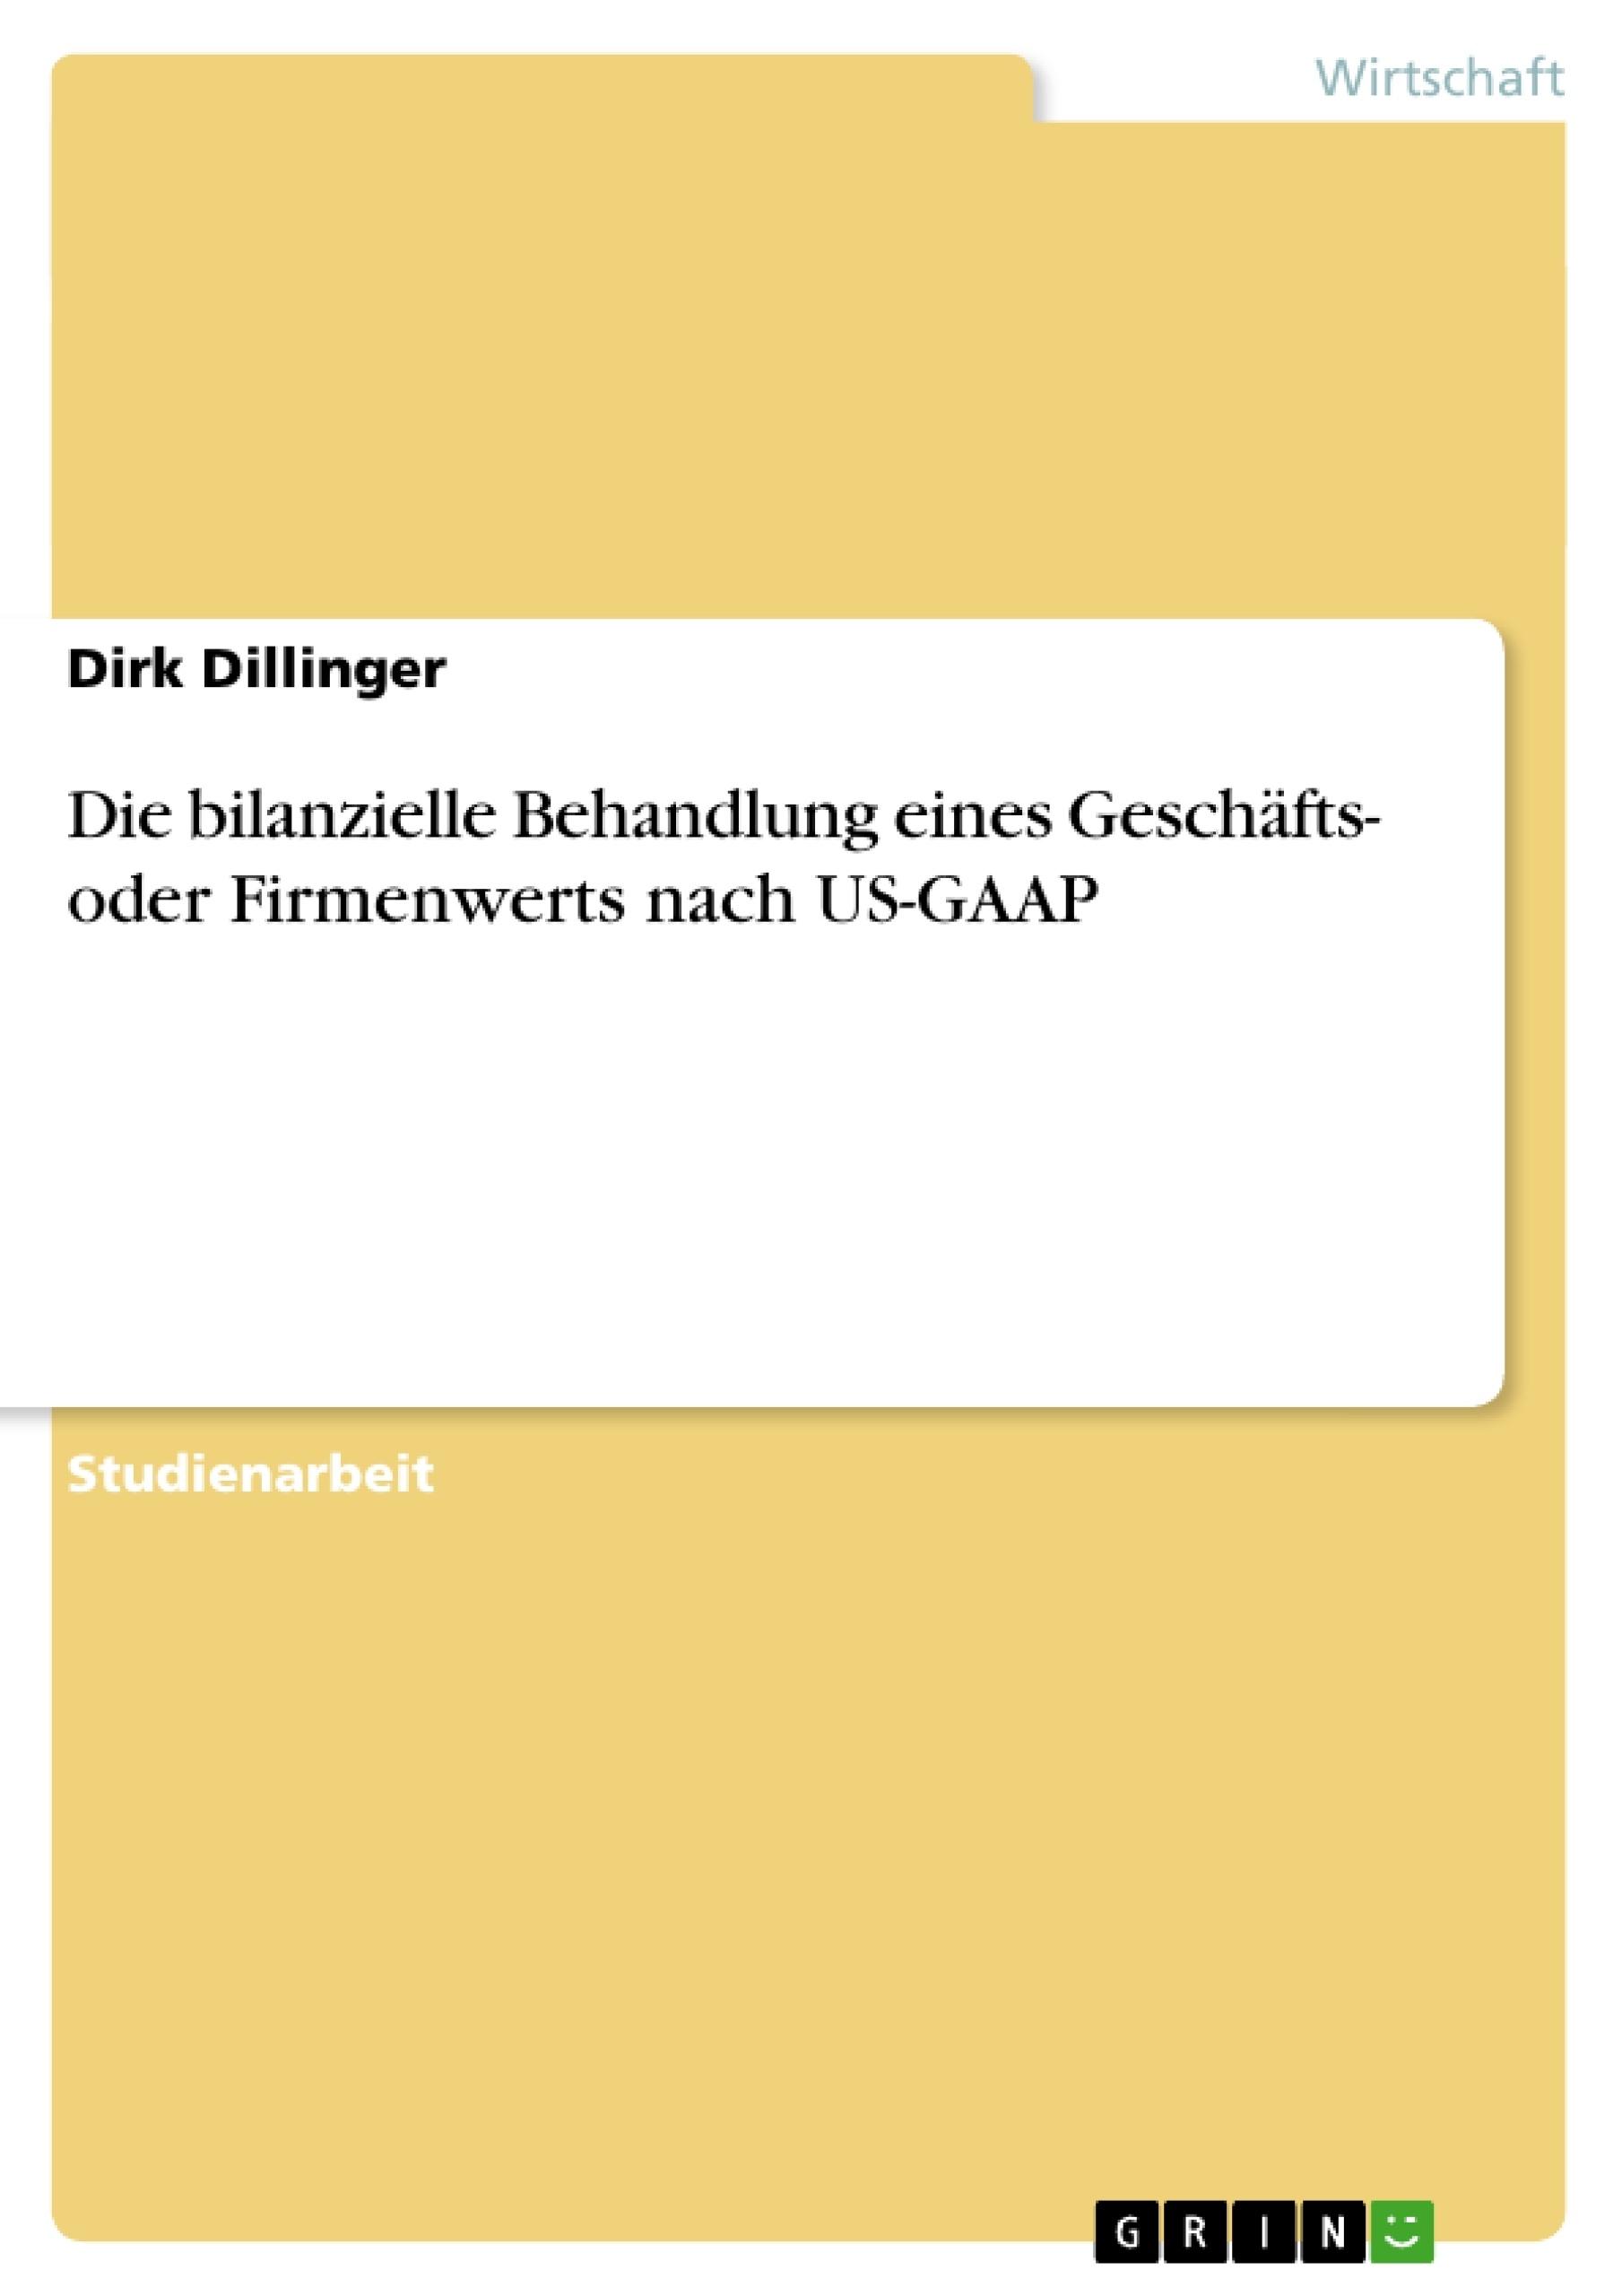 Titel: Die bilanzielle Behandlung eines Geschäfts- oder Firmenwerts nach US-GAAP